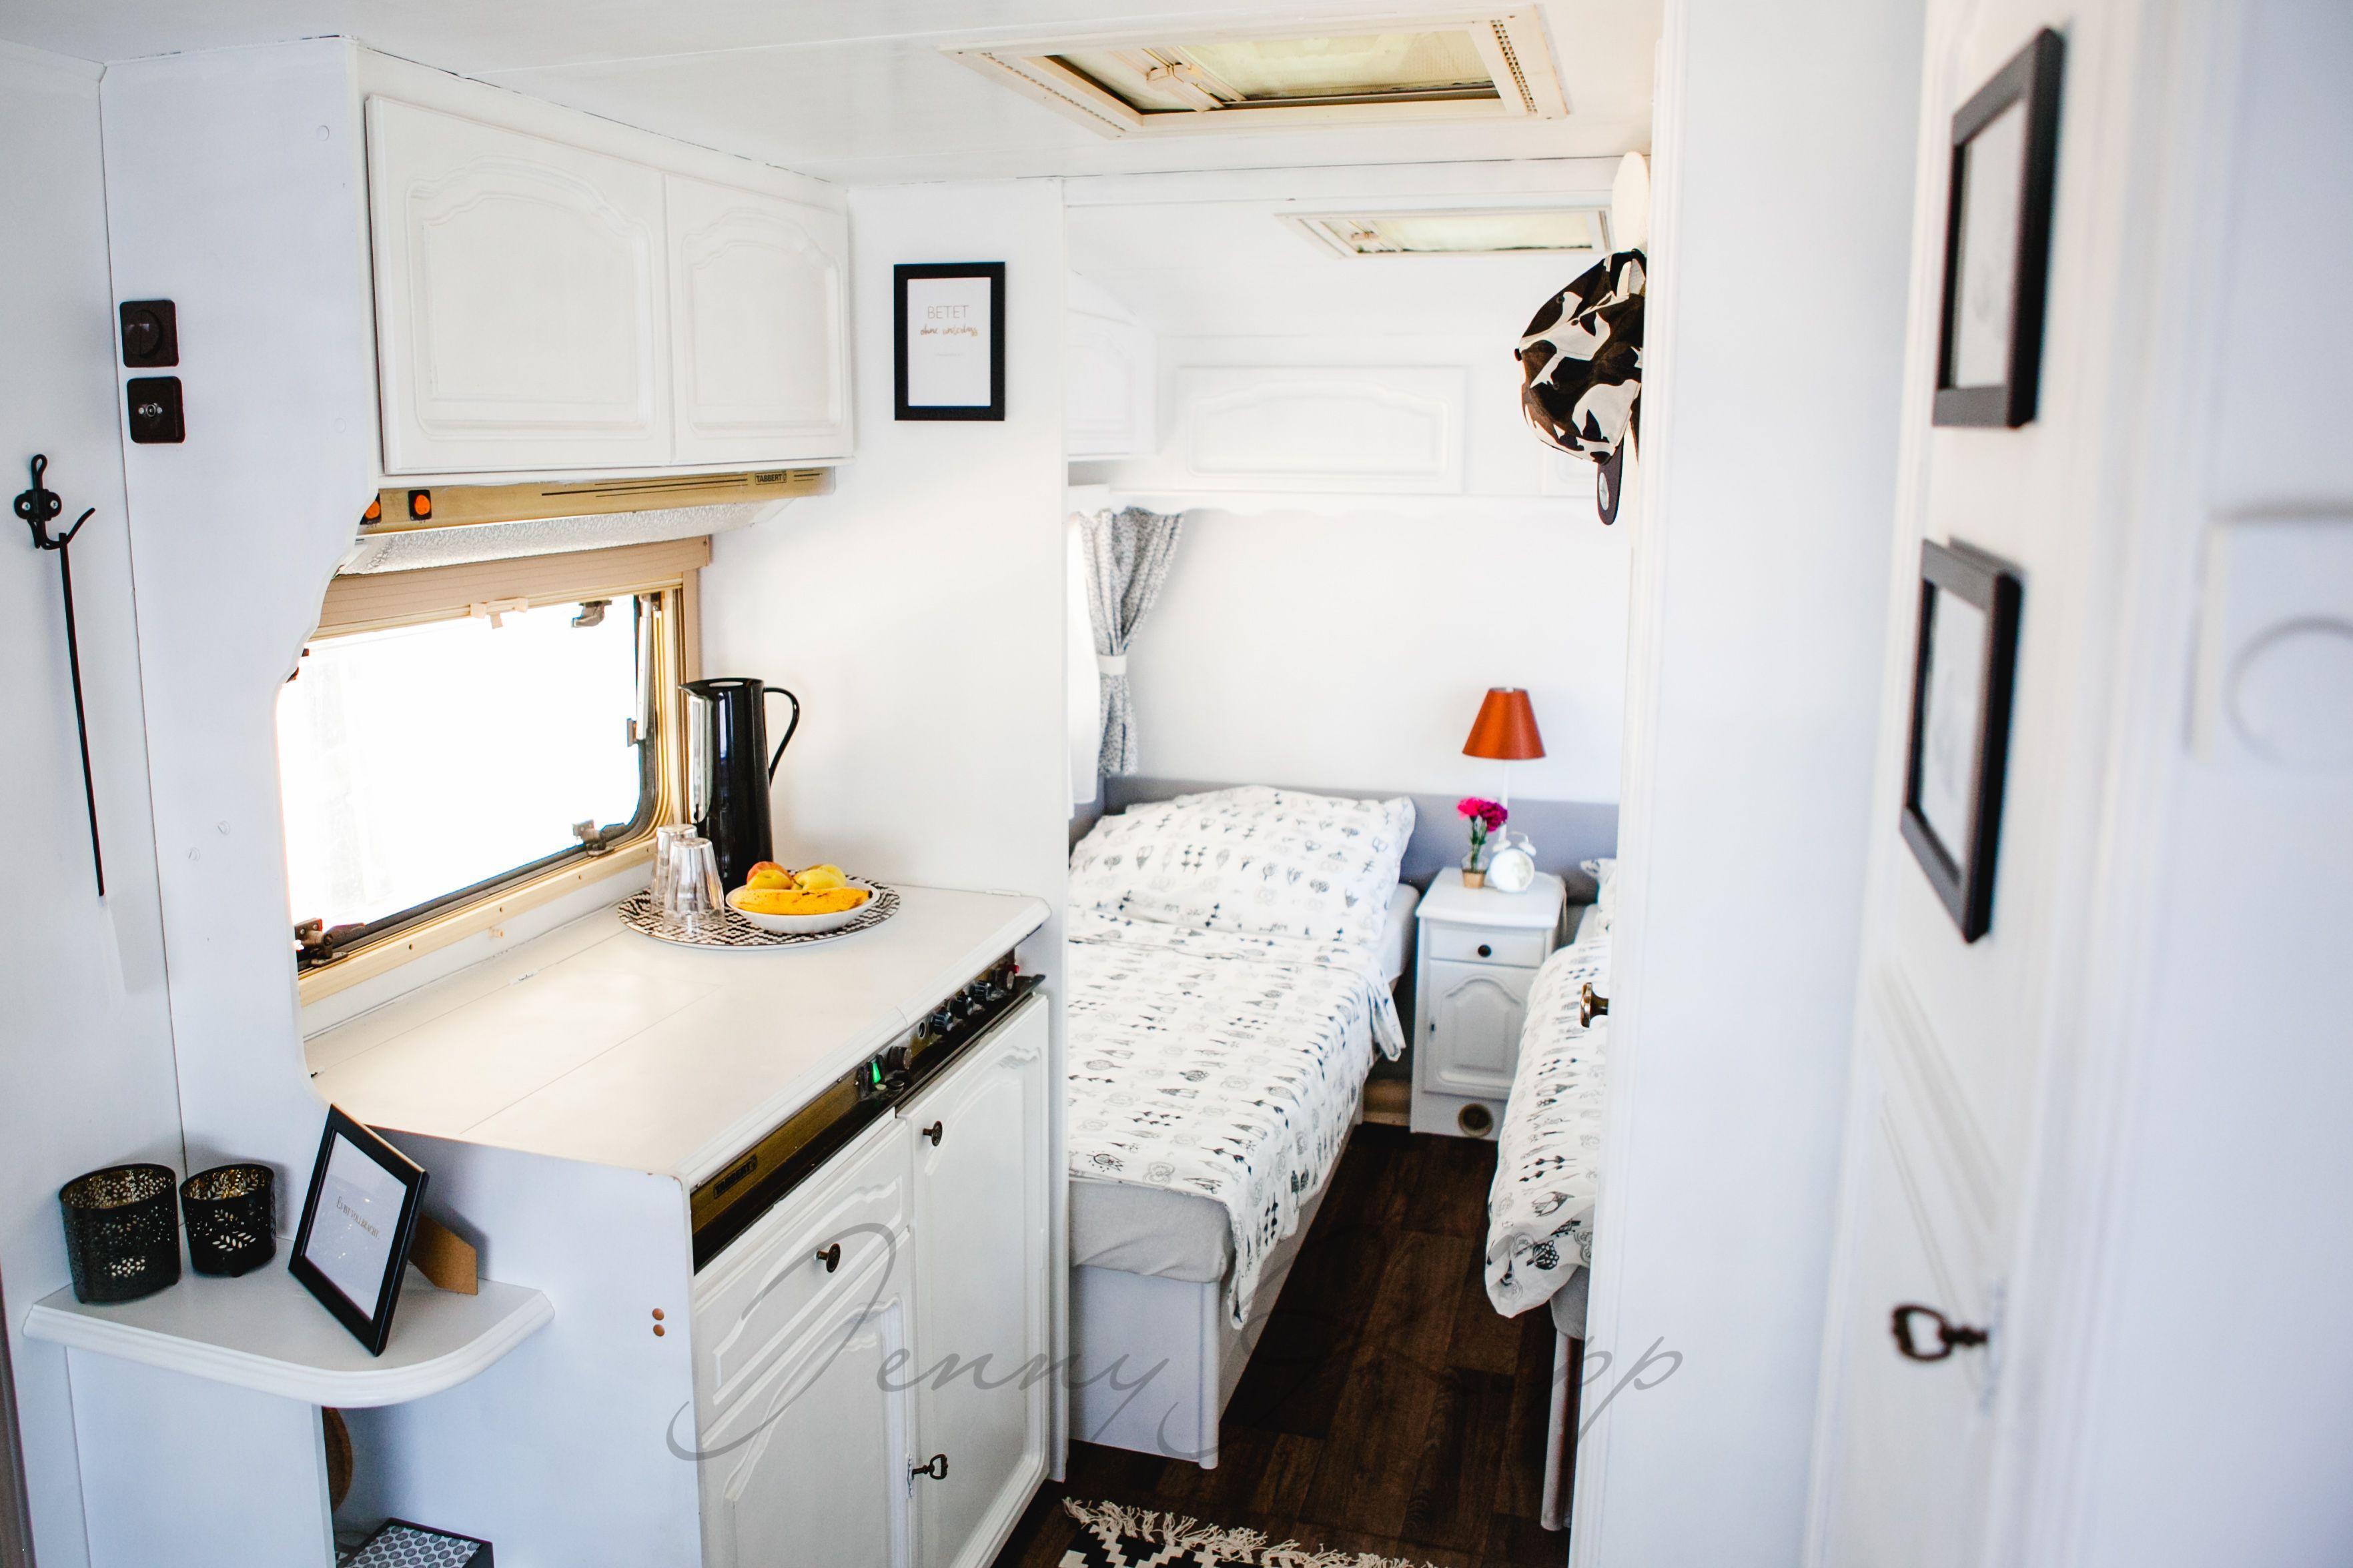 unser renovierter wohnwagen alles in schwarz wei gold bronze wohnwagen renoviert. Black Bedroom Furniture Sets. Home Design Ideas